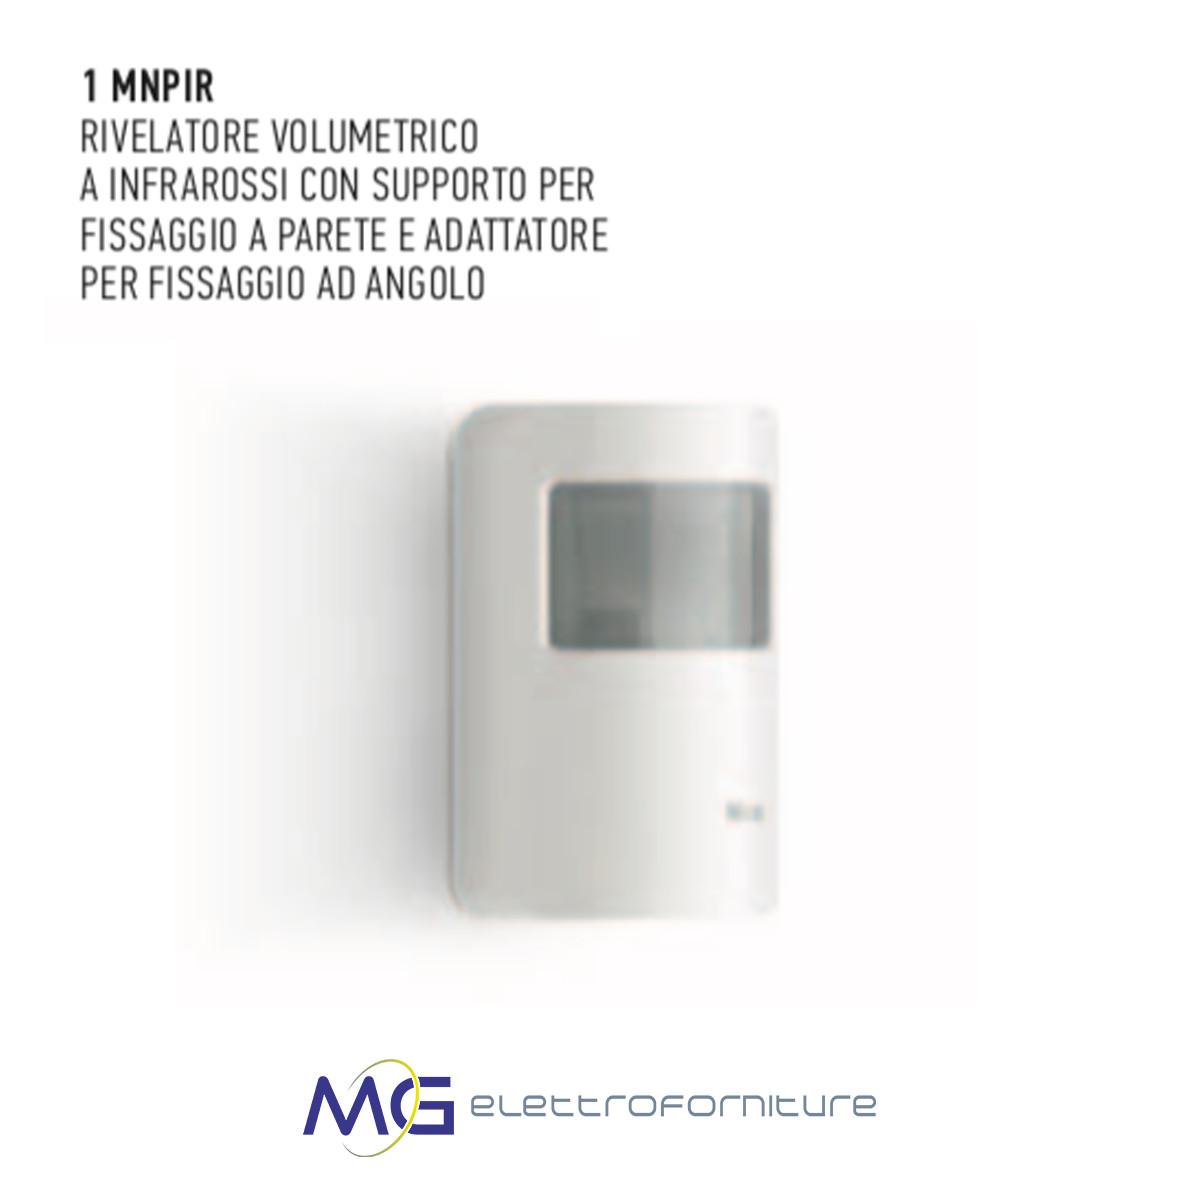 Nice_MyNice_Kit_7000_touch_Kit_per_la_gestione_integrata_dei_sistemi_di_allarme_MG_elettroforniture_prezzo_migliore_basso_4